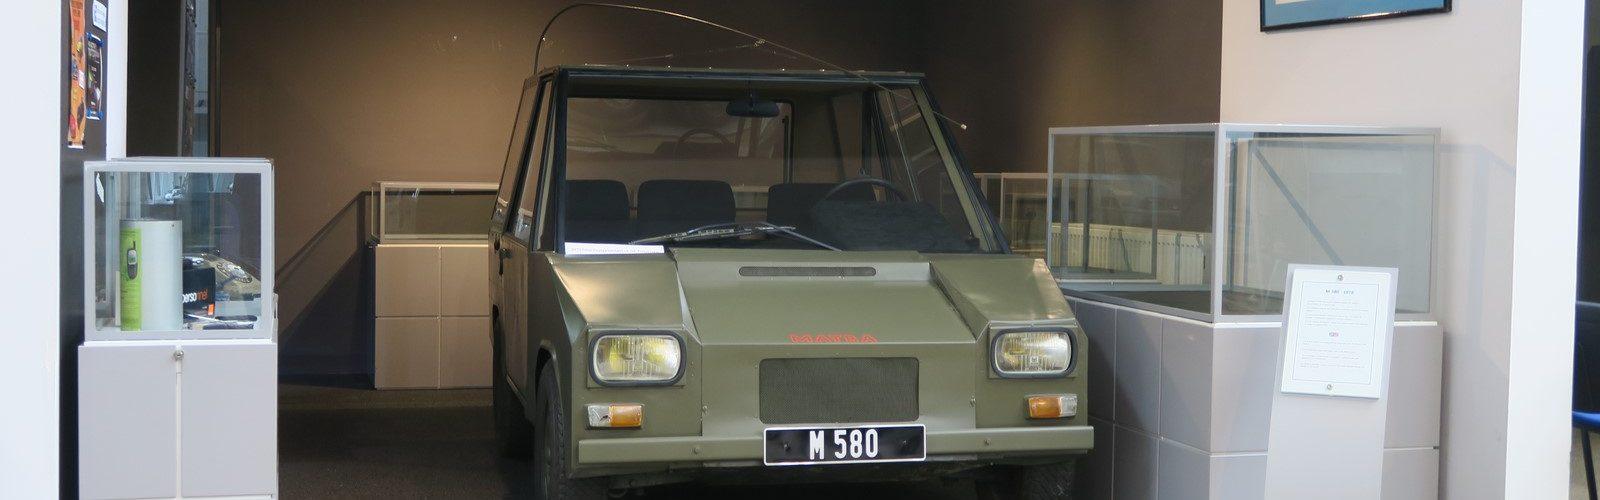 Matra M580